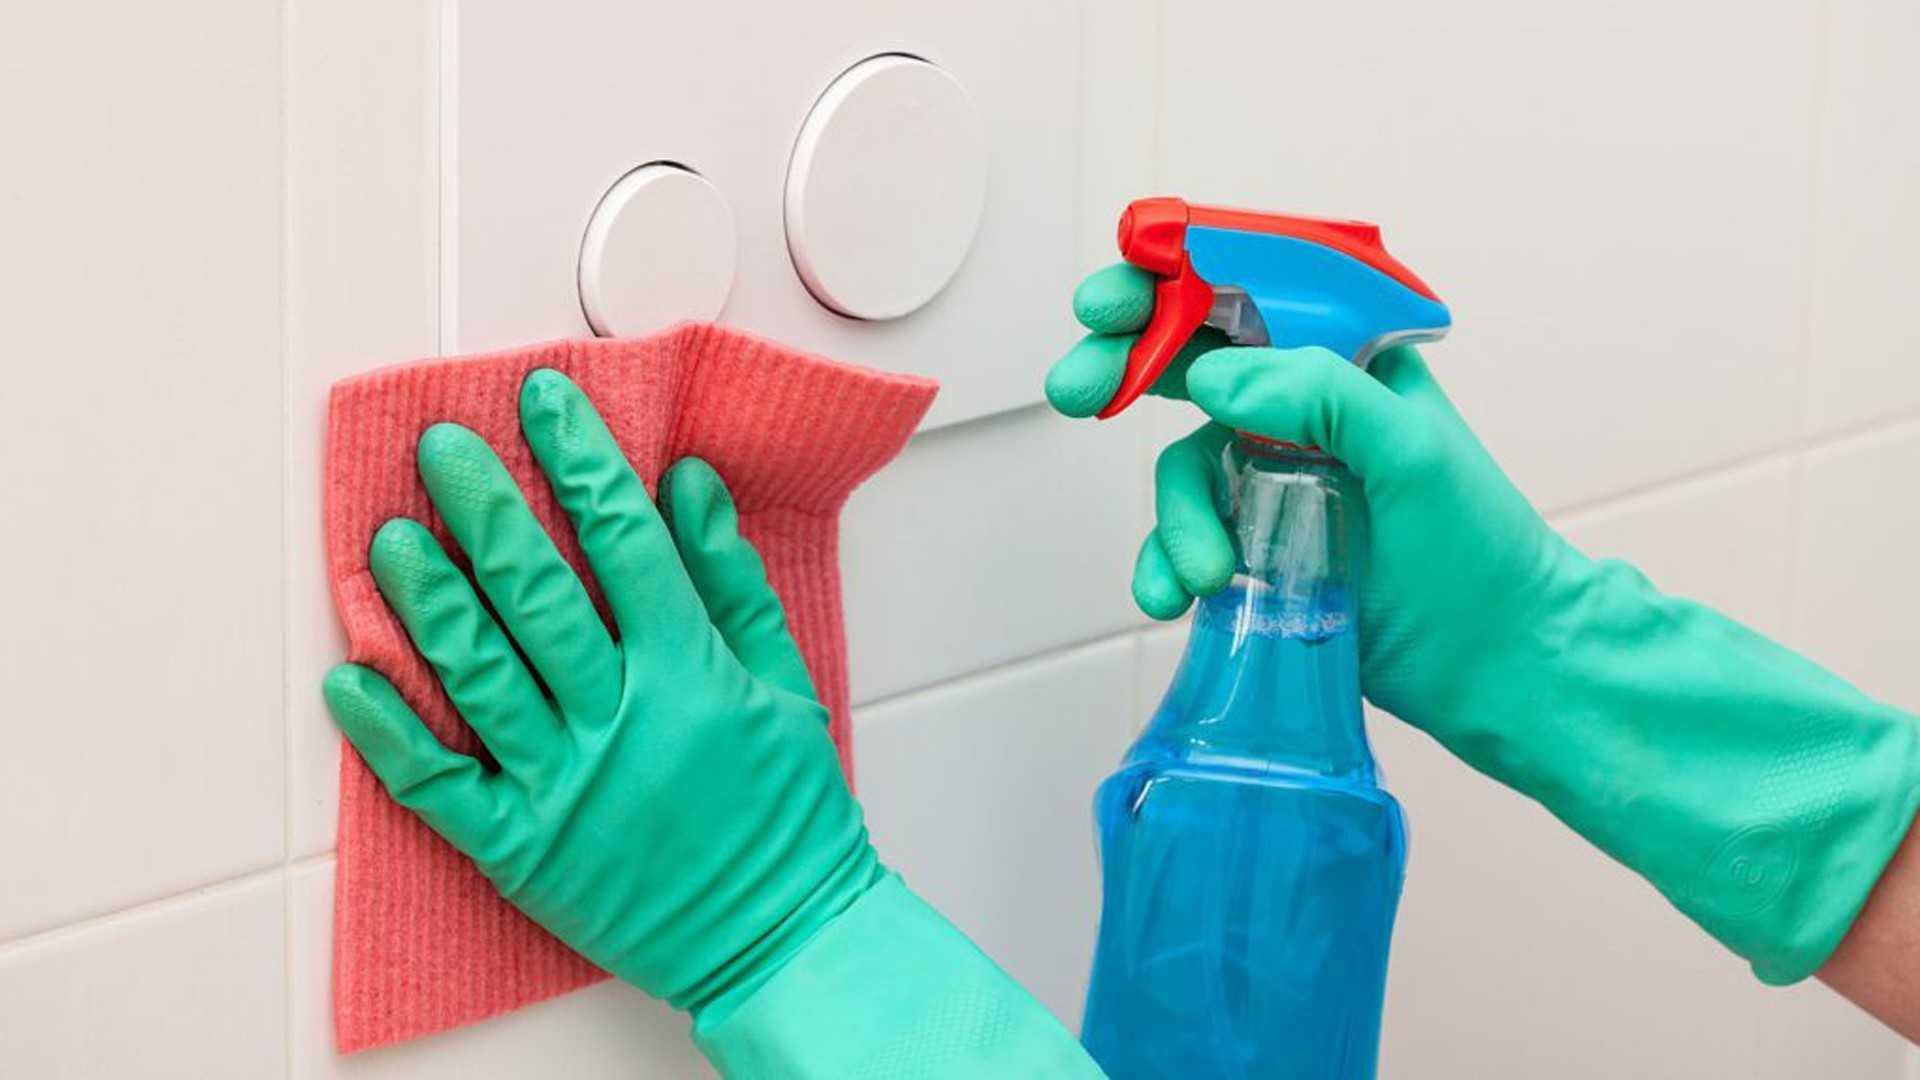 Как обезопасить свое жилье от вирусов, бактерий и паразитов